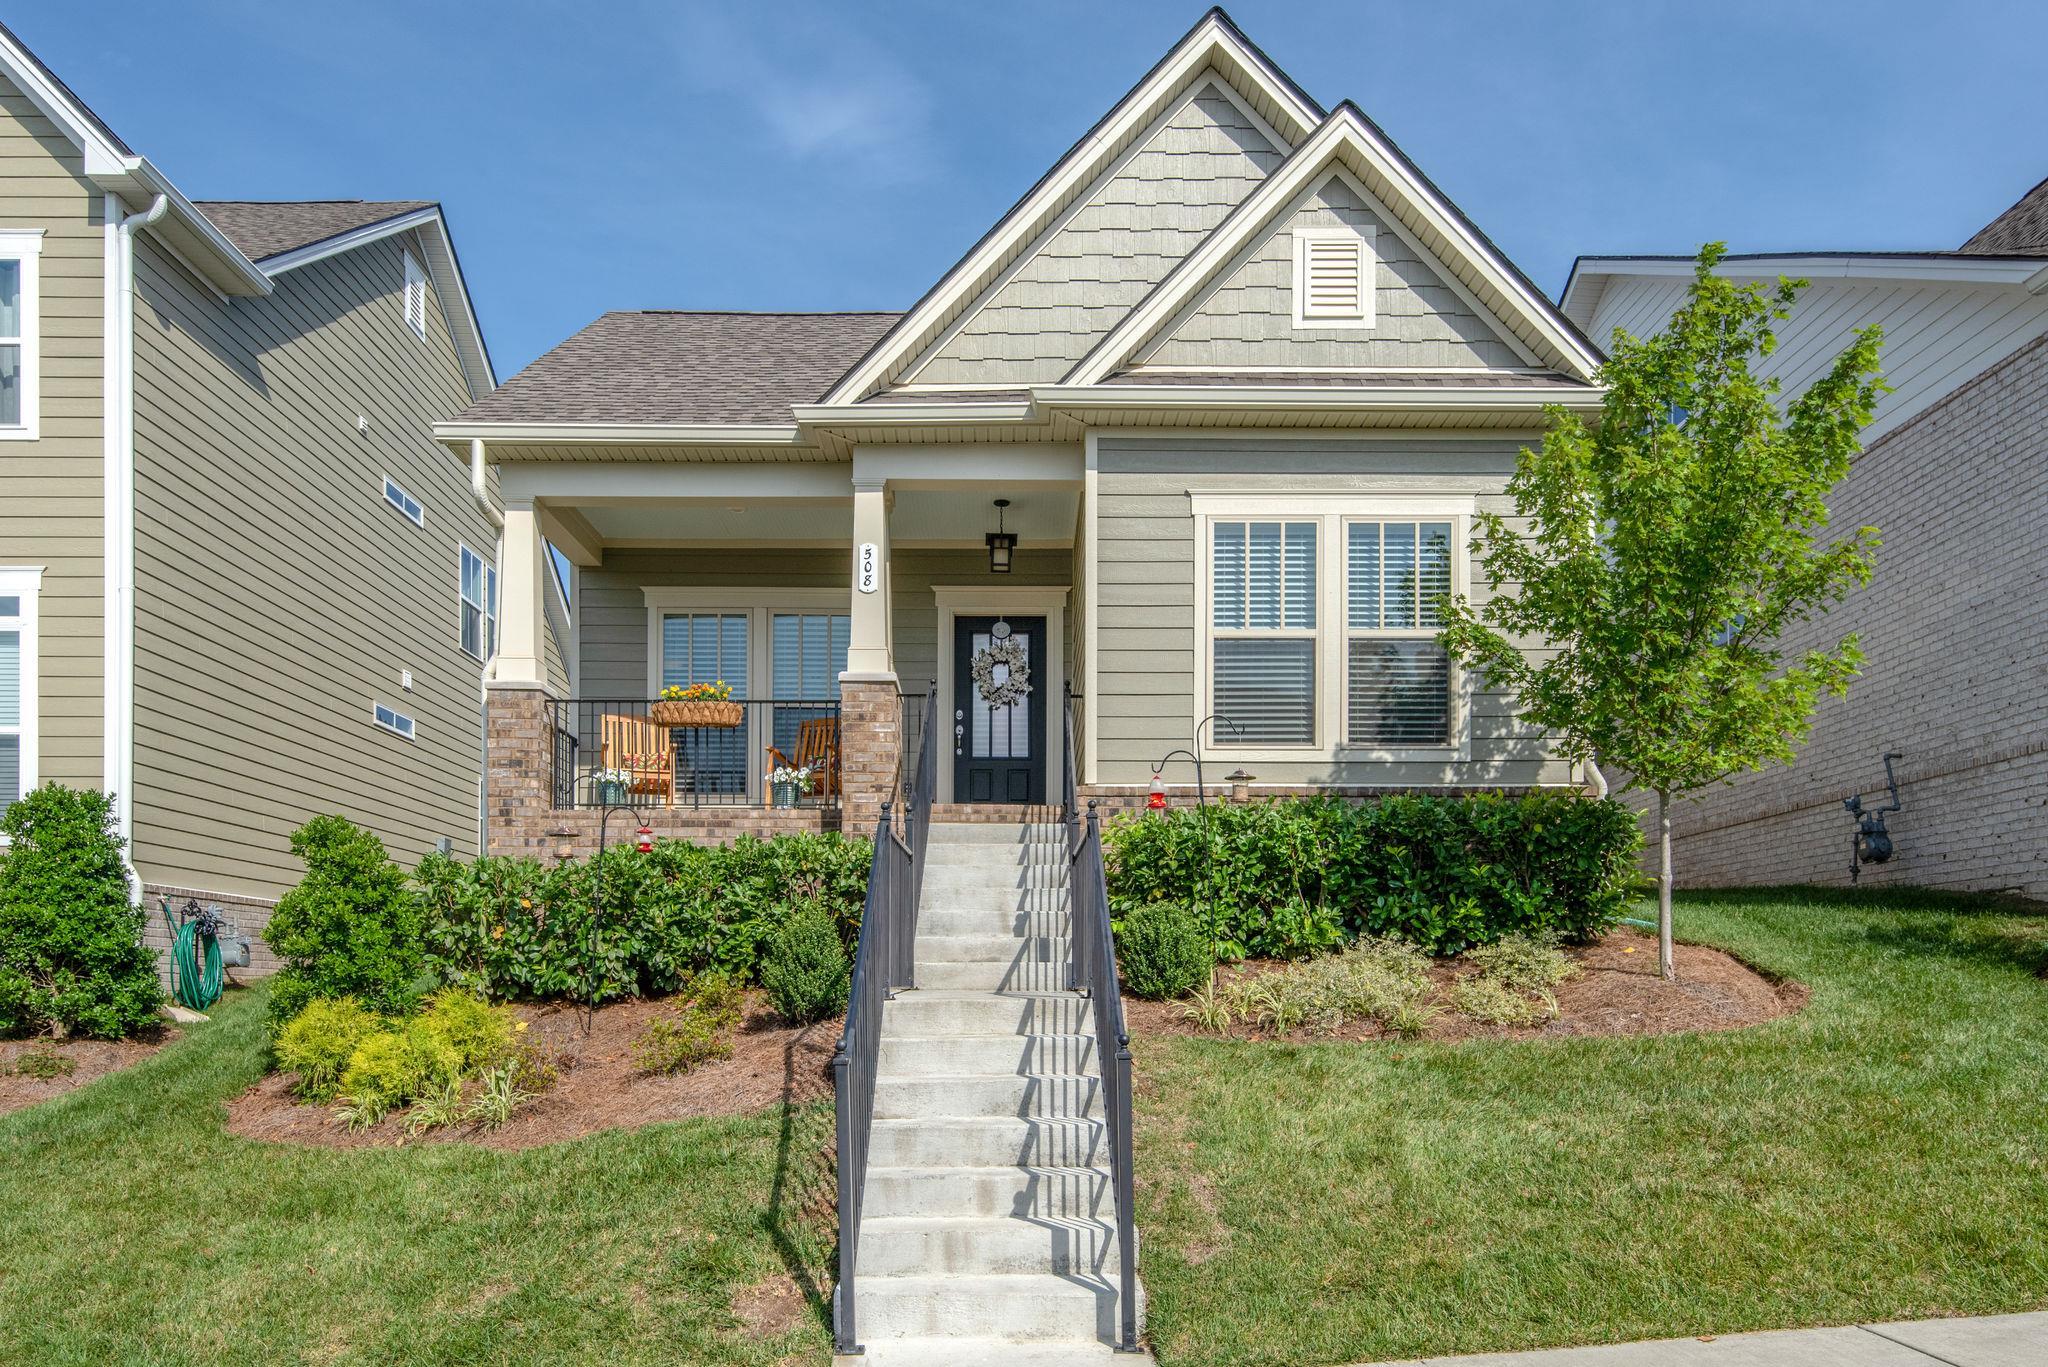 508 Pleasant St, Nolensville, TN 37135 - Nolensville, TN real estate listing